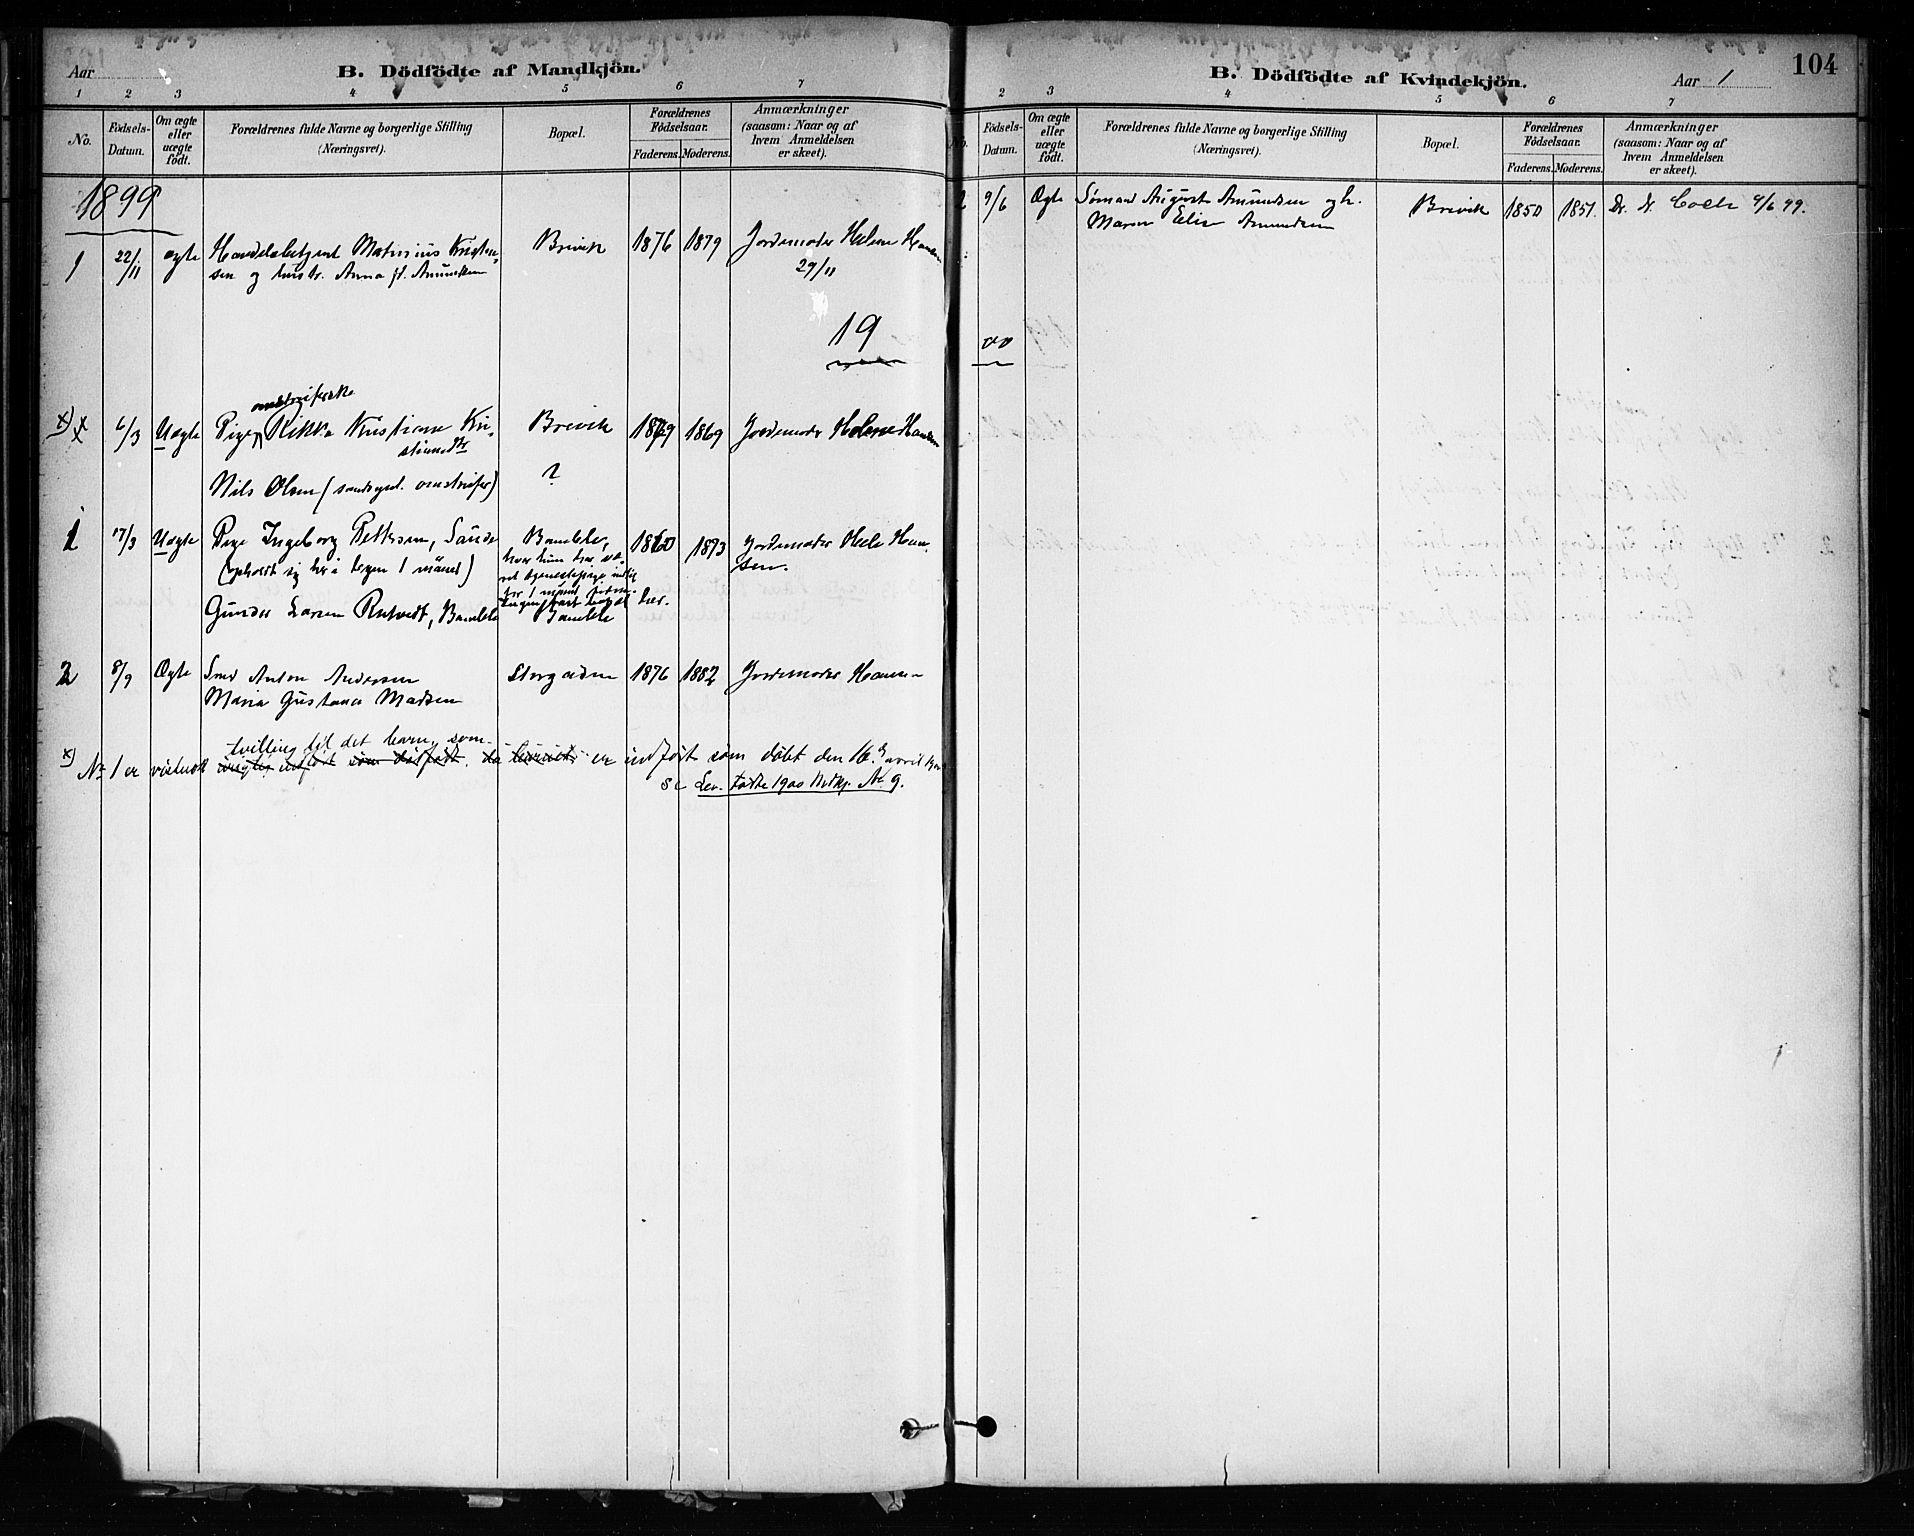 SAKO, Brevik kirkebøker, F/Fa/L0007: Ministerialbok nr. 7, 1882-1900, s. 104